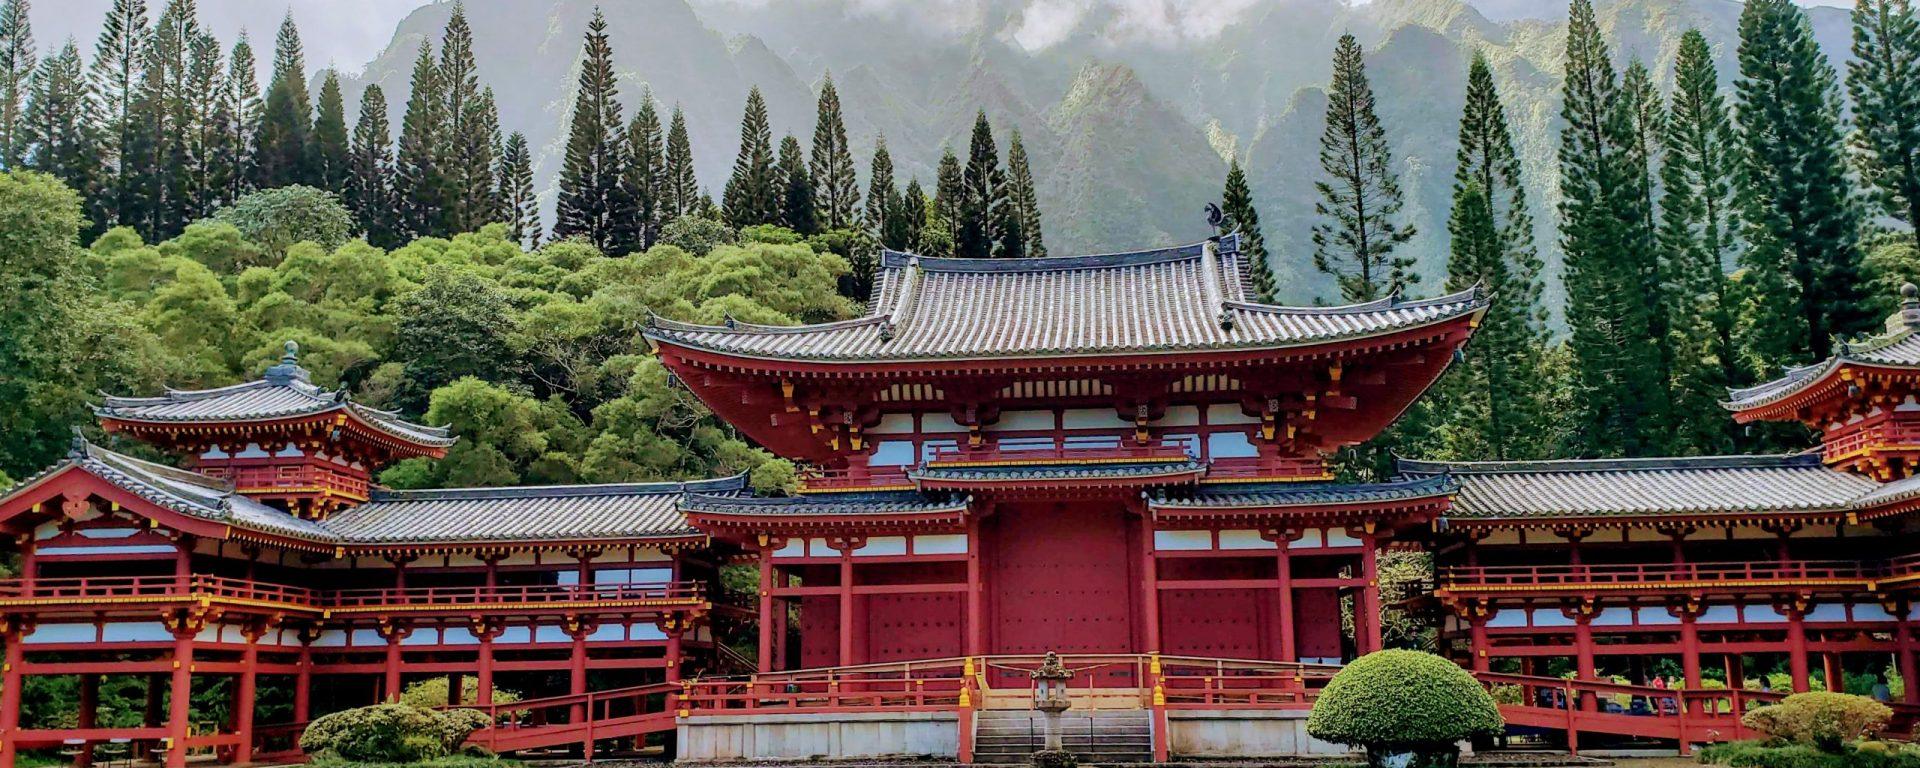 Byodi-In Temple Hawaii